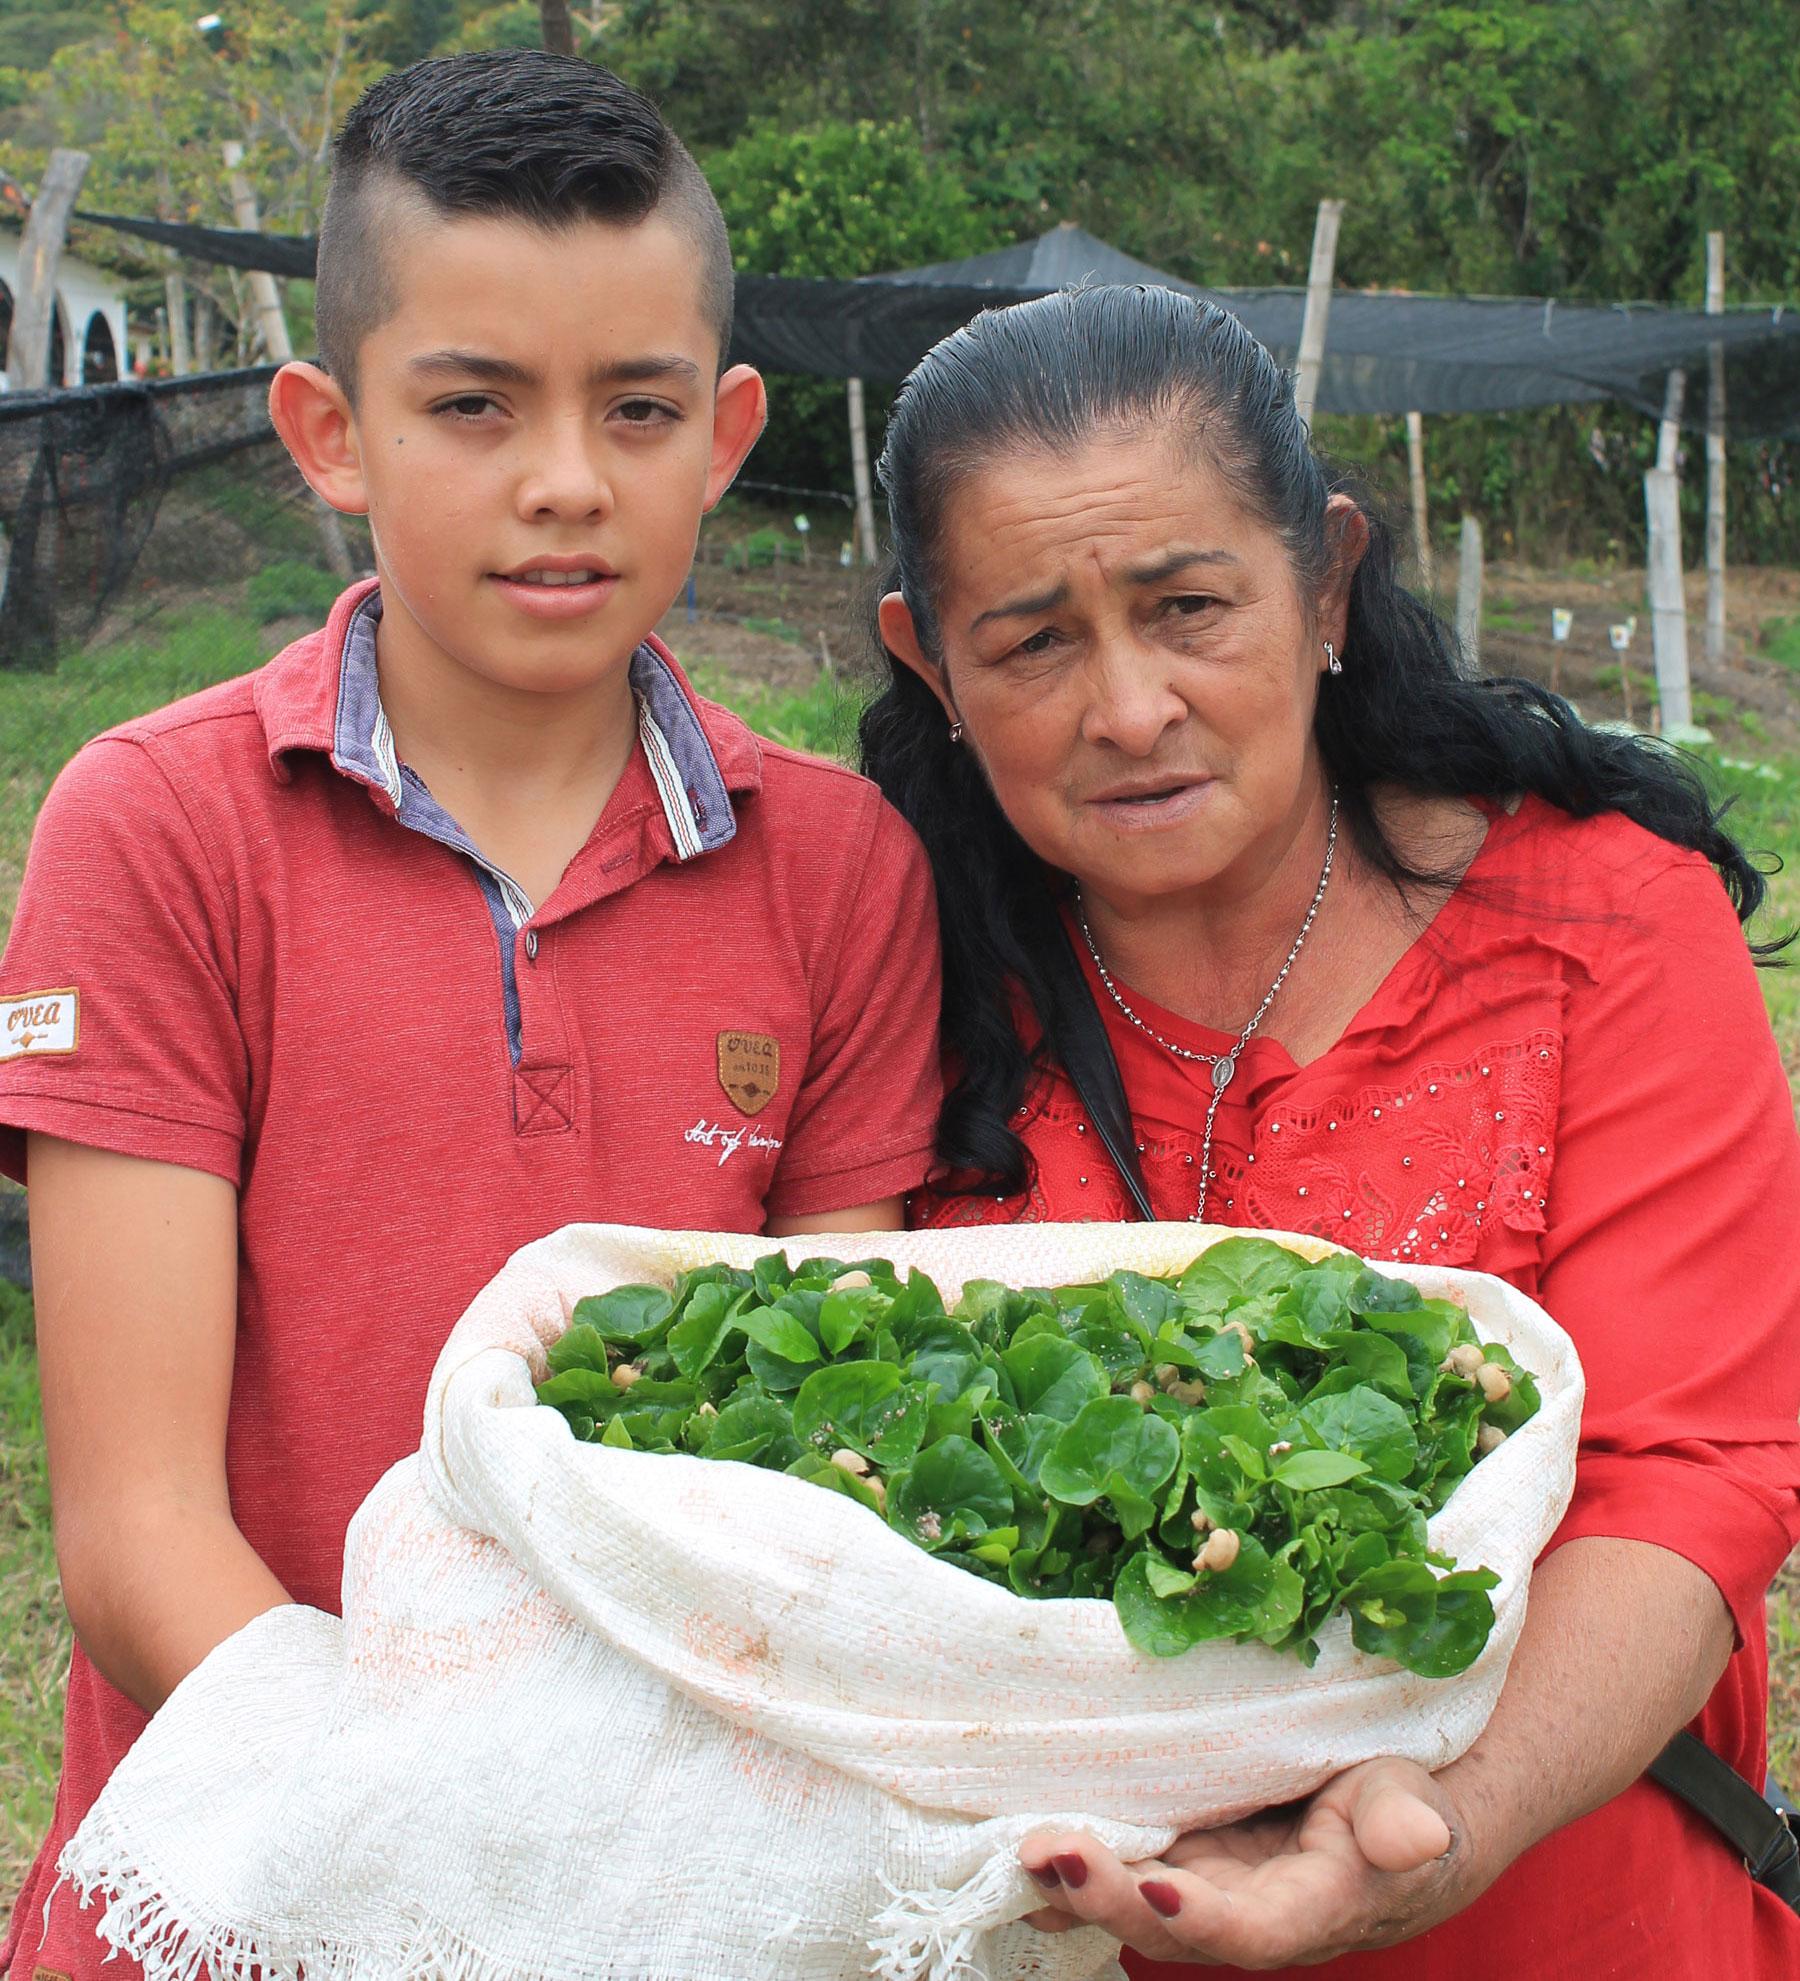 Jorge en grootmoeder houden koffieplanten vast